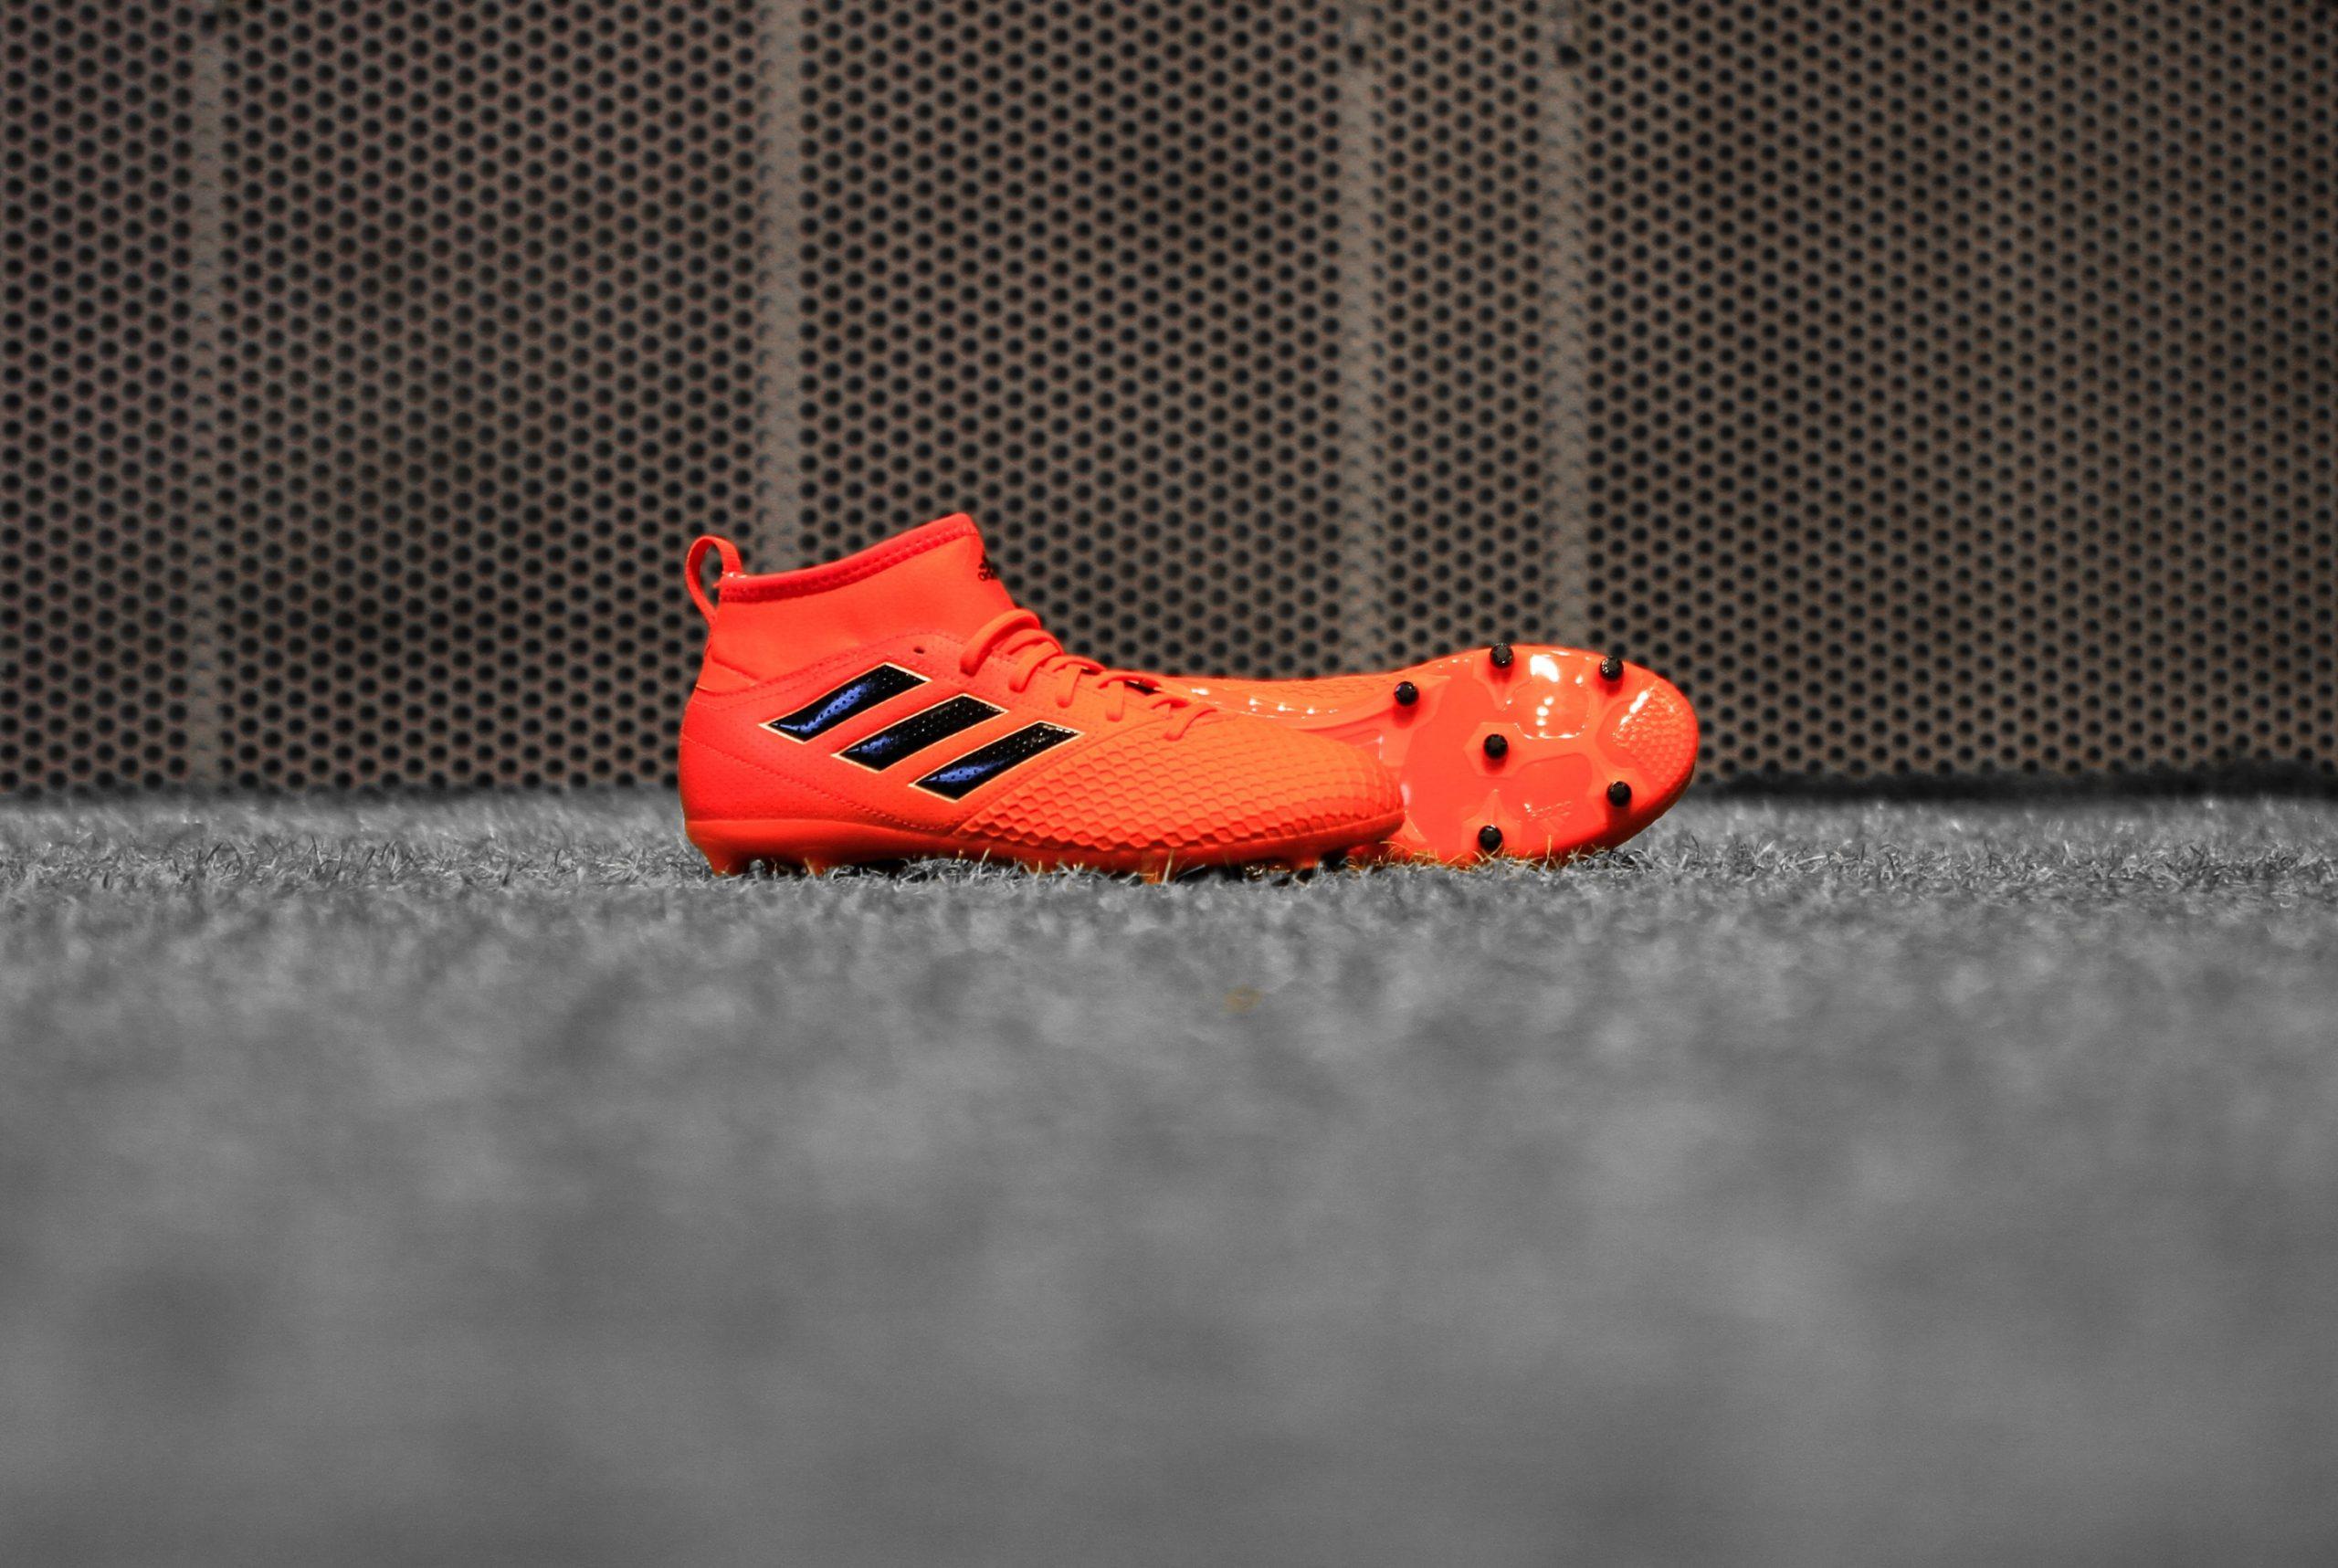 Botas de fútbol amarillas